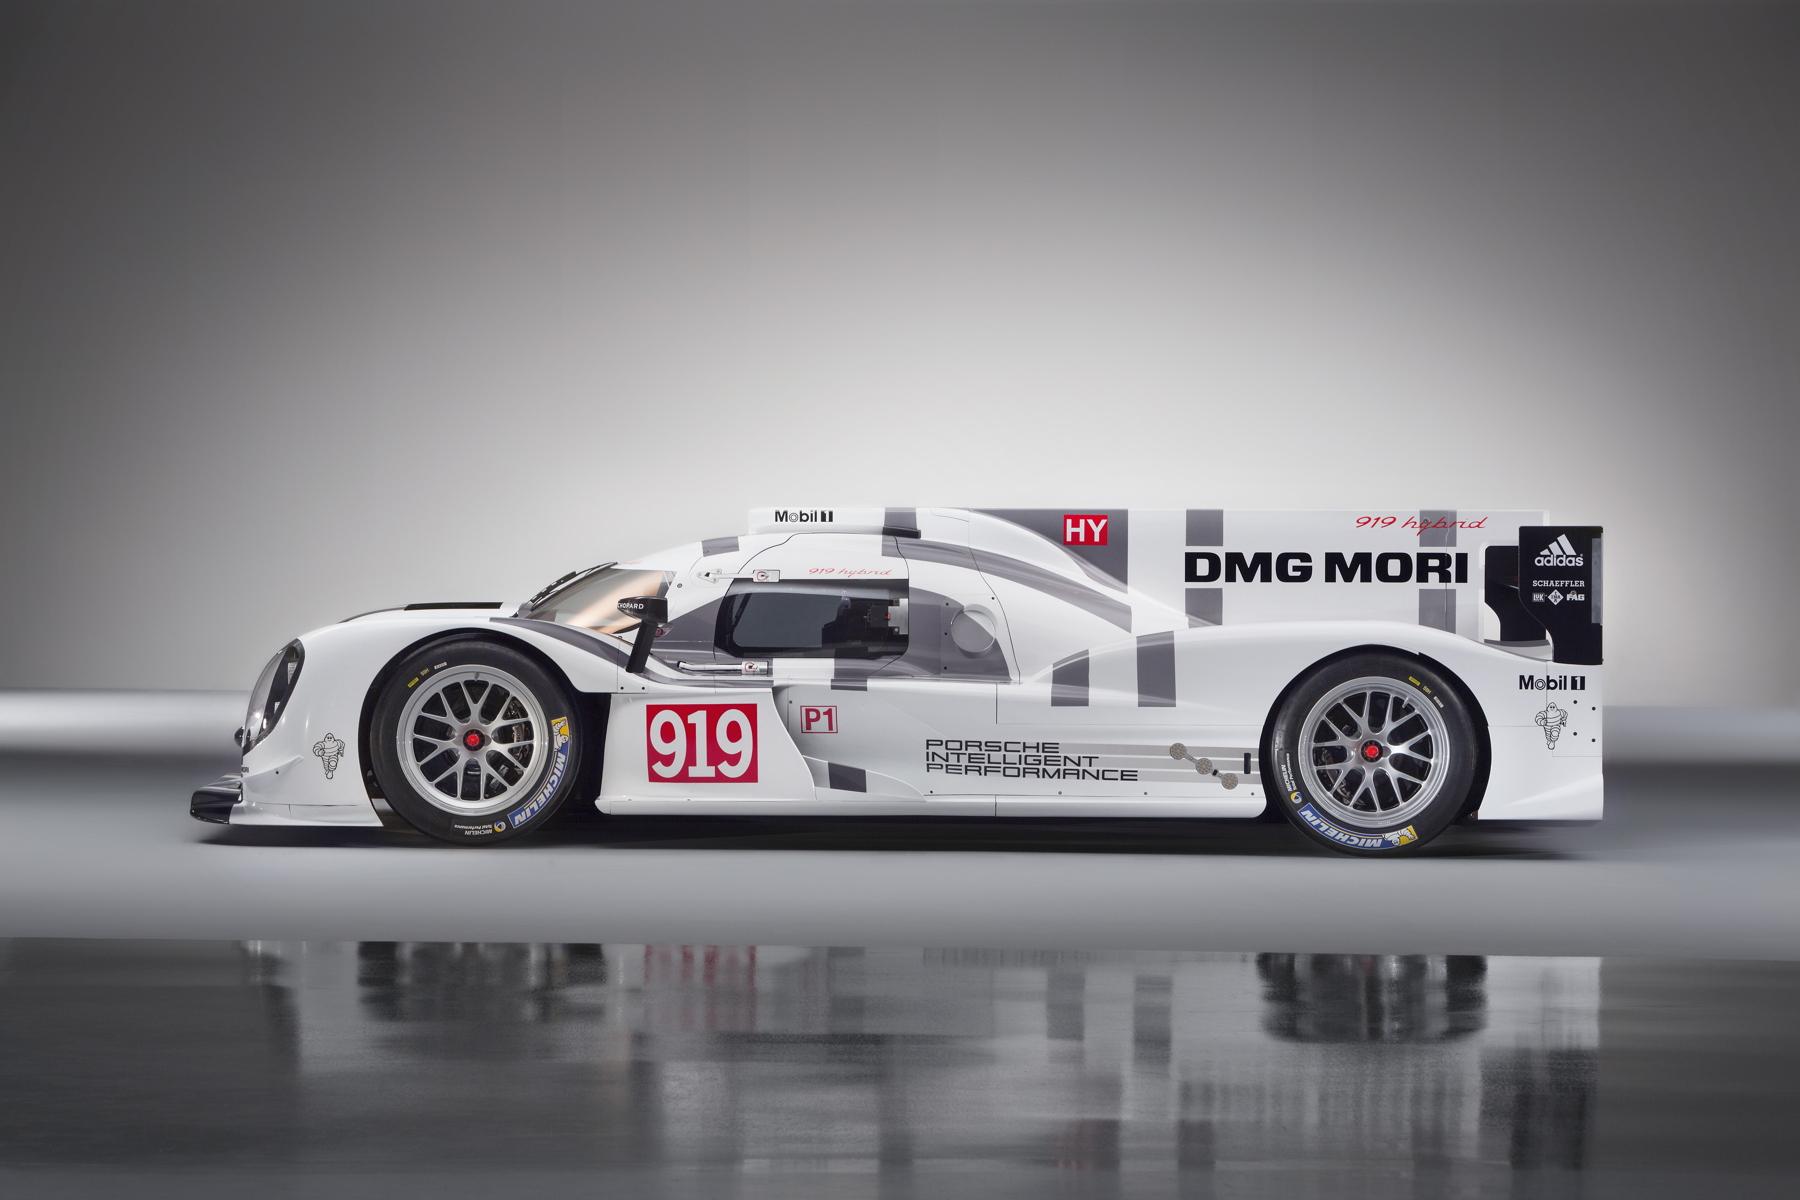 2014-Porsche-Motorsport-Porsche-919-Hybrid-Profile-Left